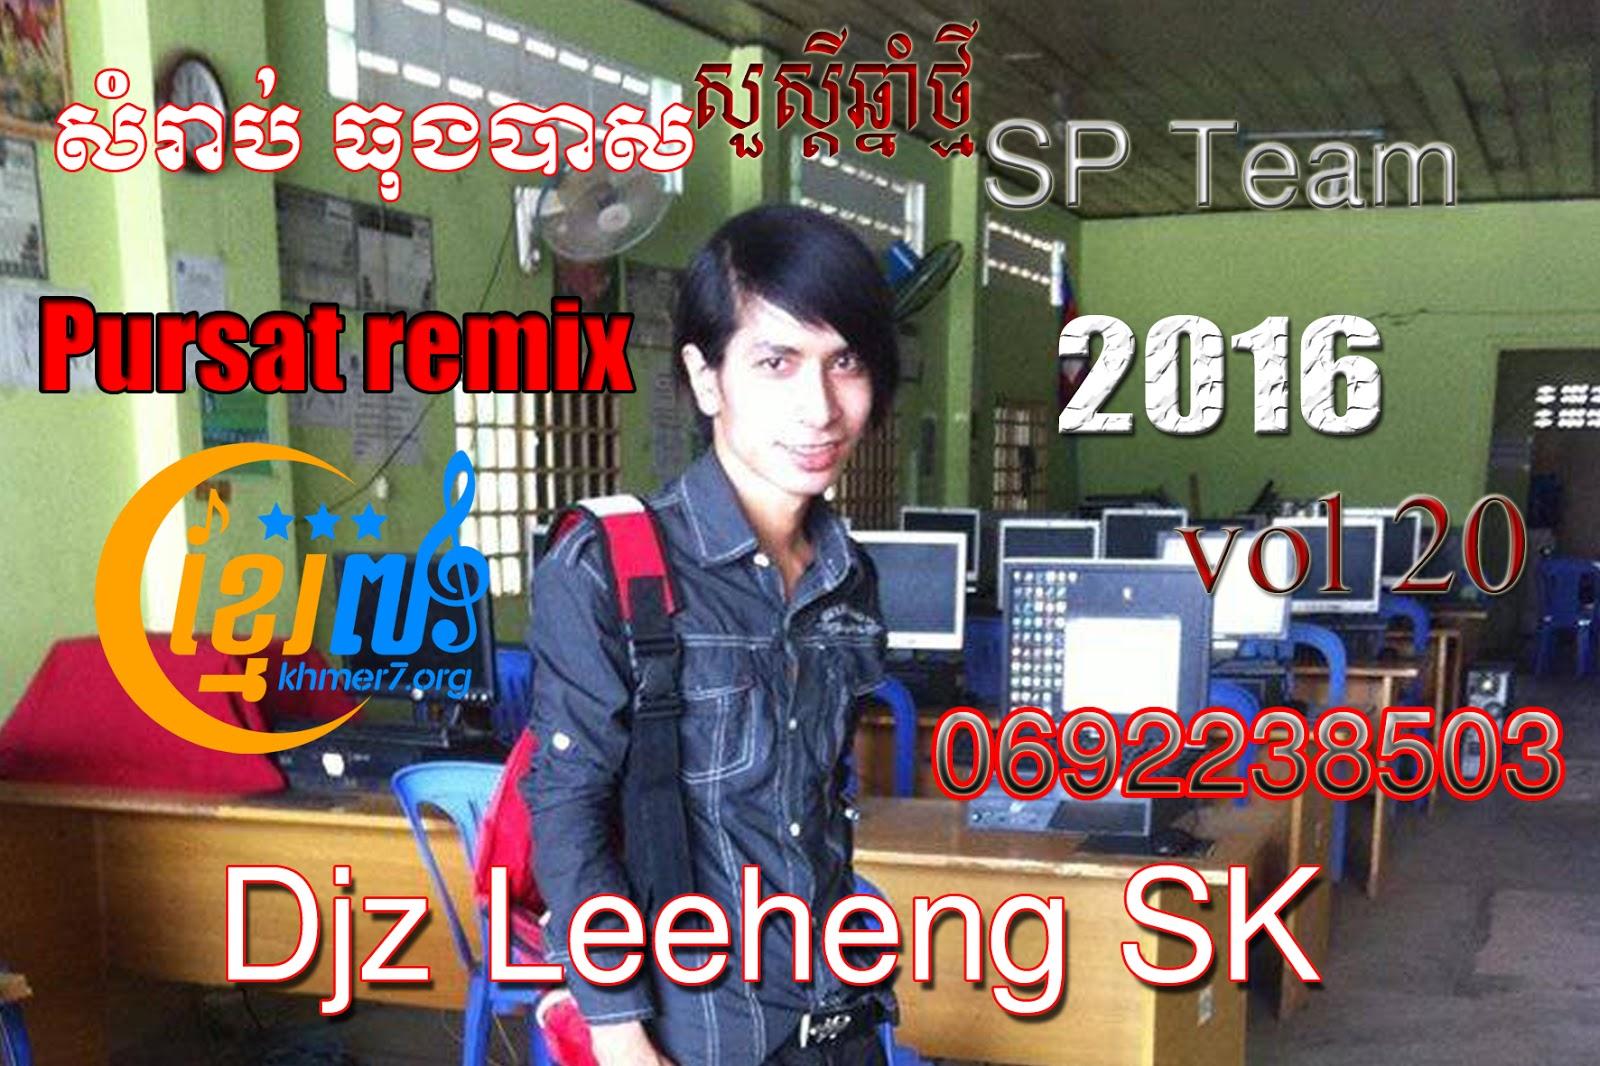 Album] DJz Leeheng SK Remix Vol 20 | New Remix 2016 - Khmer7 ORG